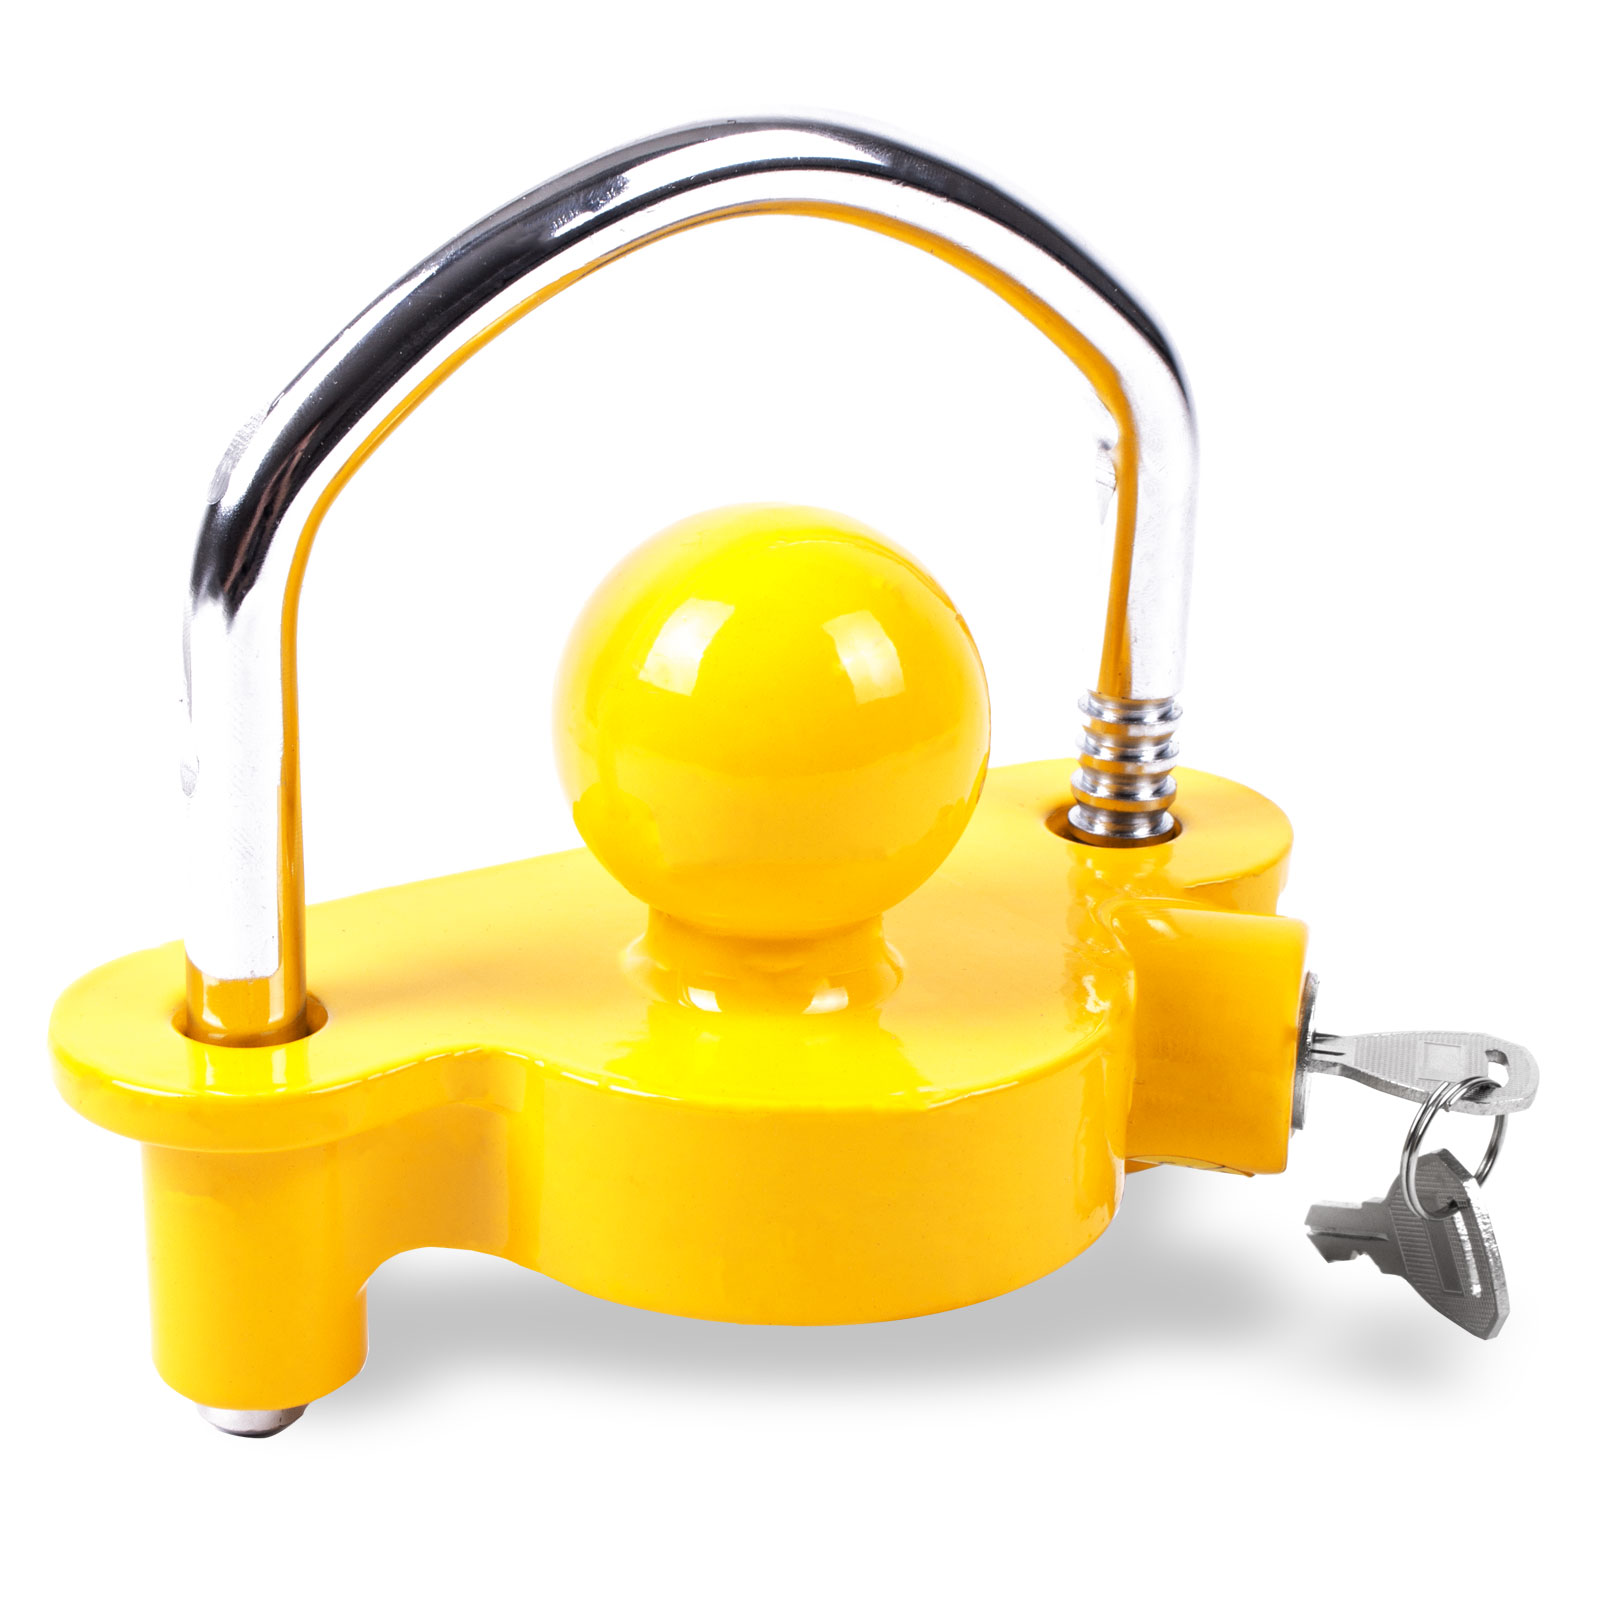 Anhängerkupplungsschloß mit Bügel, gelb, 50 mm